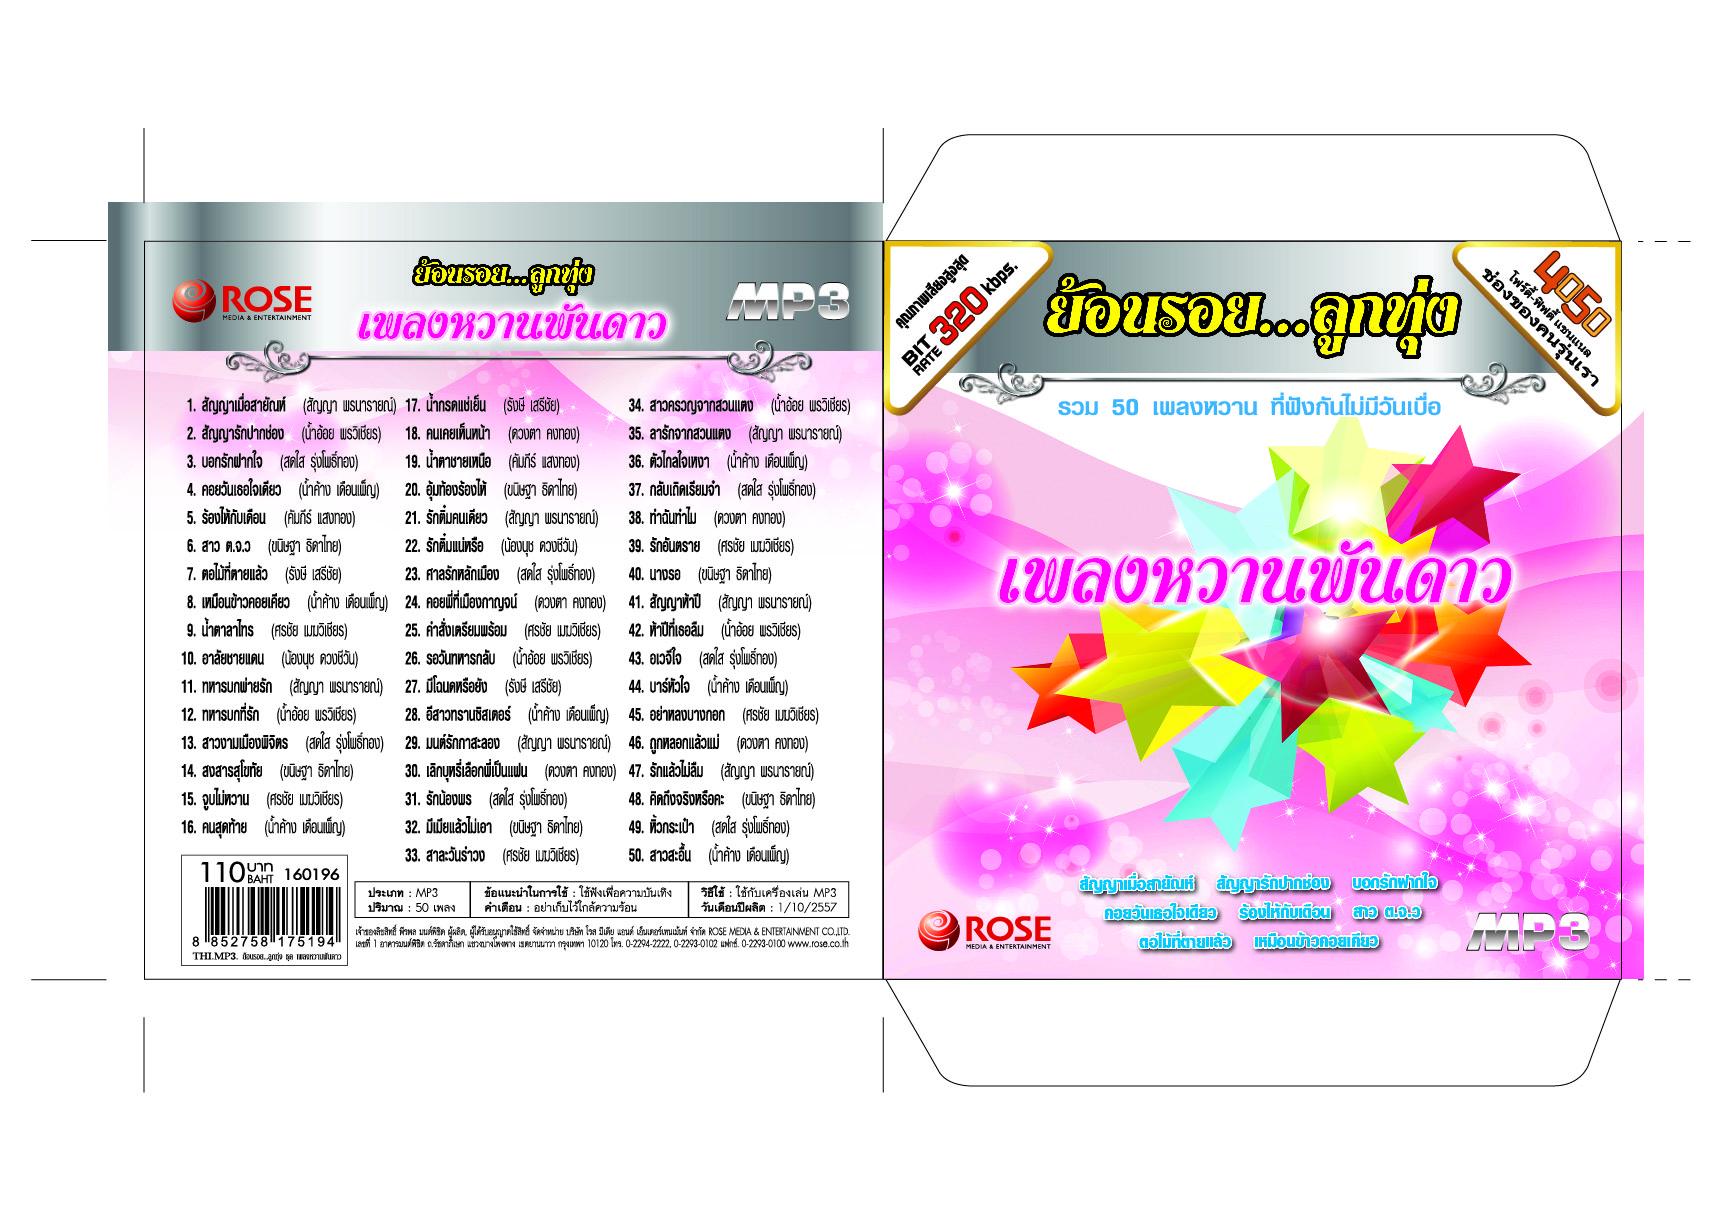 MP3 50 เพลง ชุดเพลงหวานพันดาว